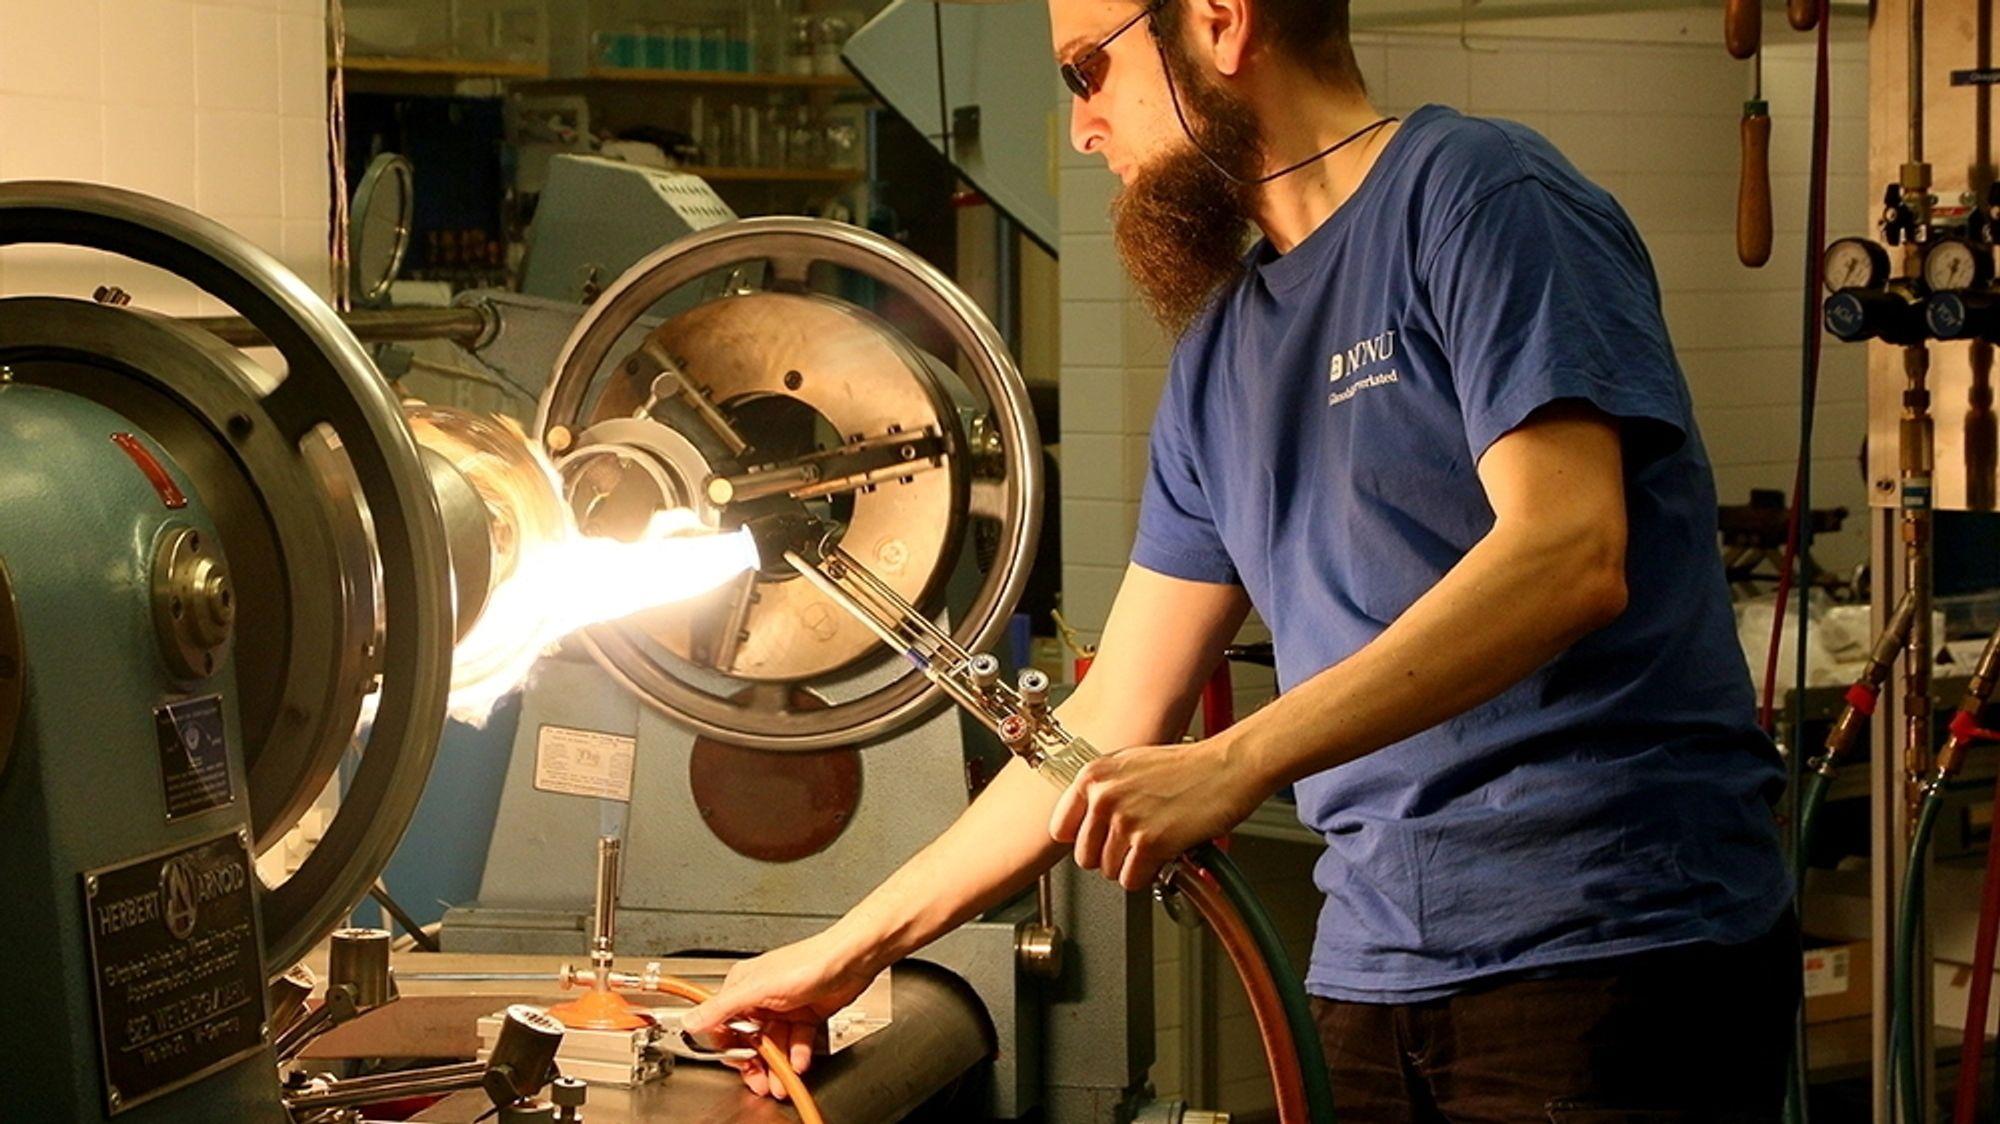 Sebastian Bete er teknisk glassblåser med 23 års erfaring. Med sterk varme, ild og presisjon former han utstyr som forskerne har behov for.